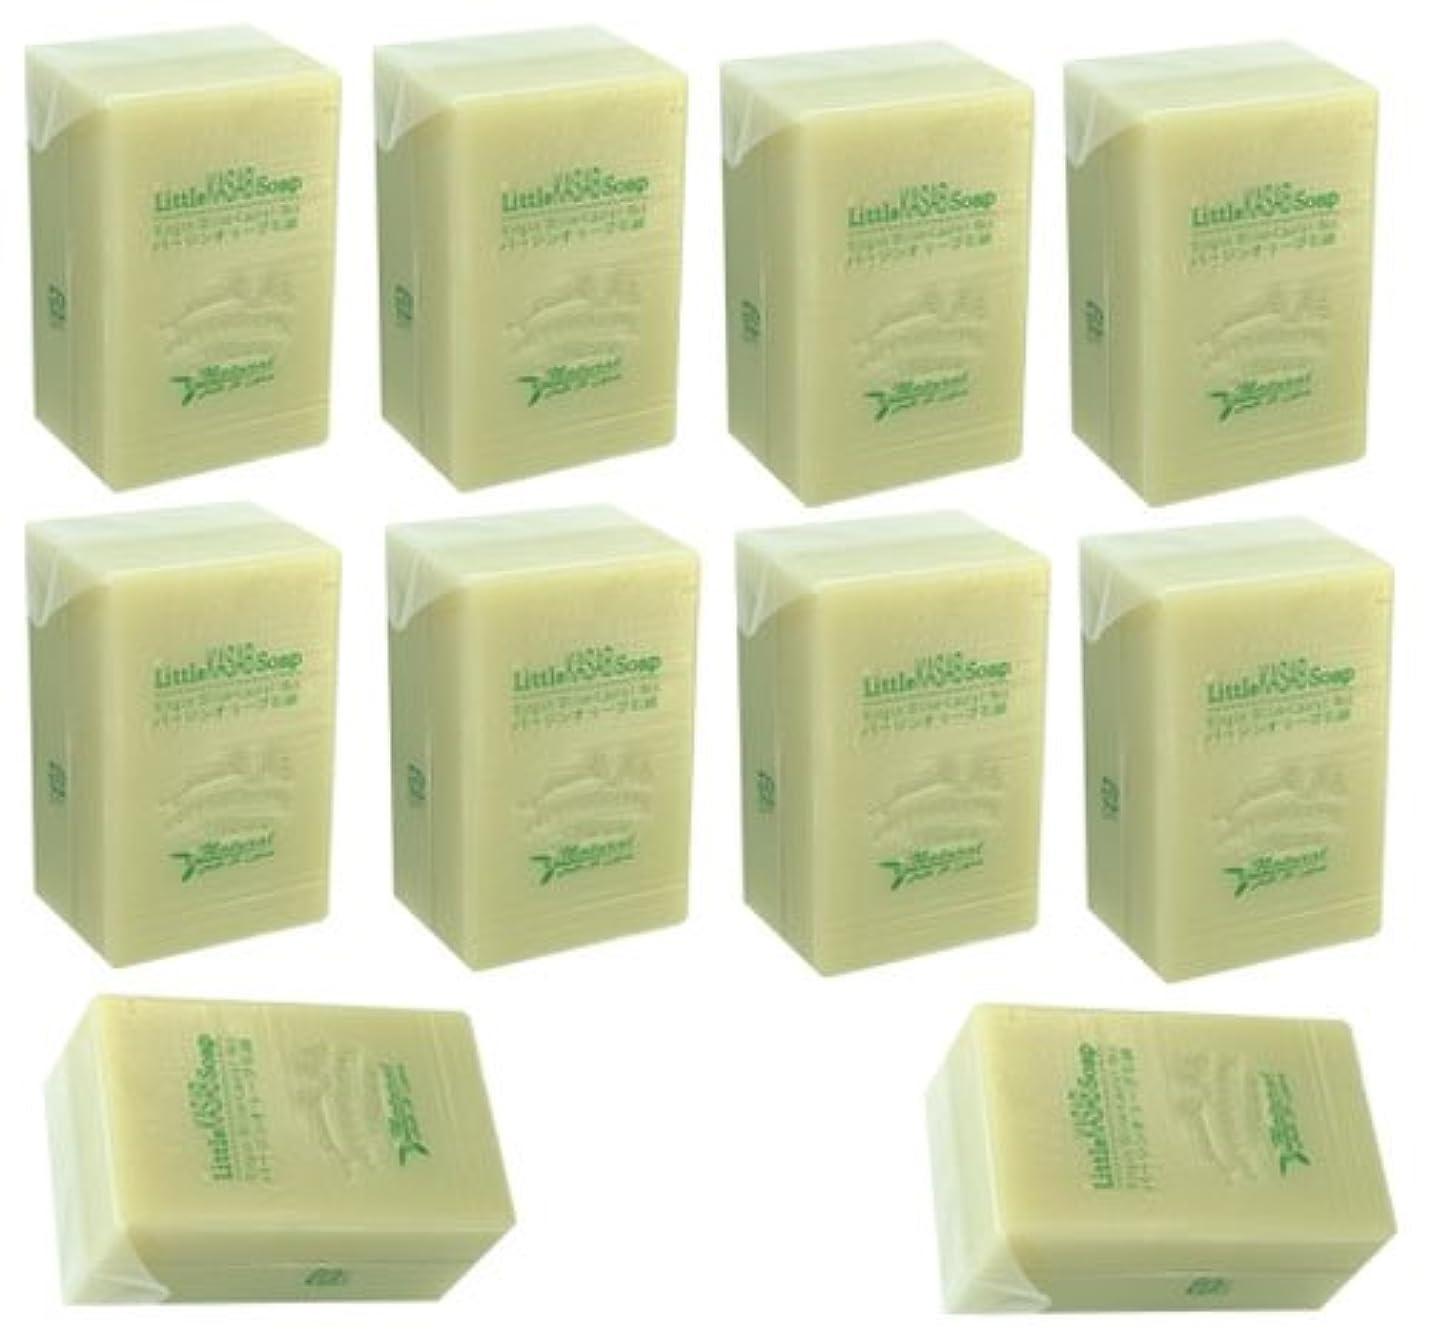 取り替えるグレートオーク医師リトルカサブ石鹸10個セット